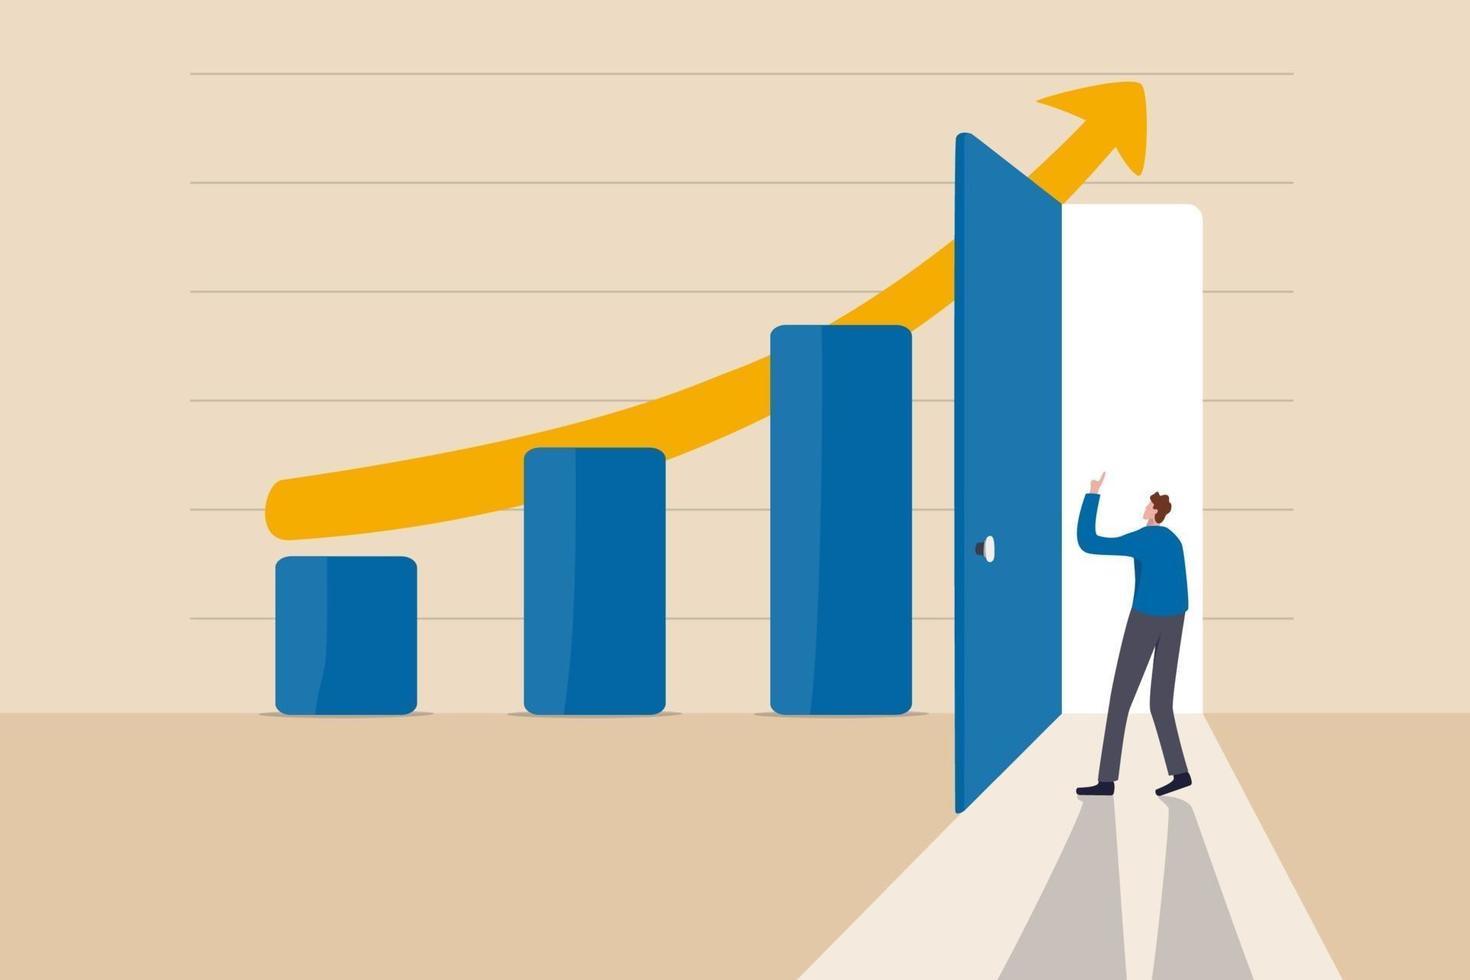 affärssucceshemlighet, idé till växande verksamhet och uppnå målkoncept vektor